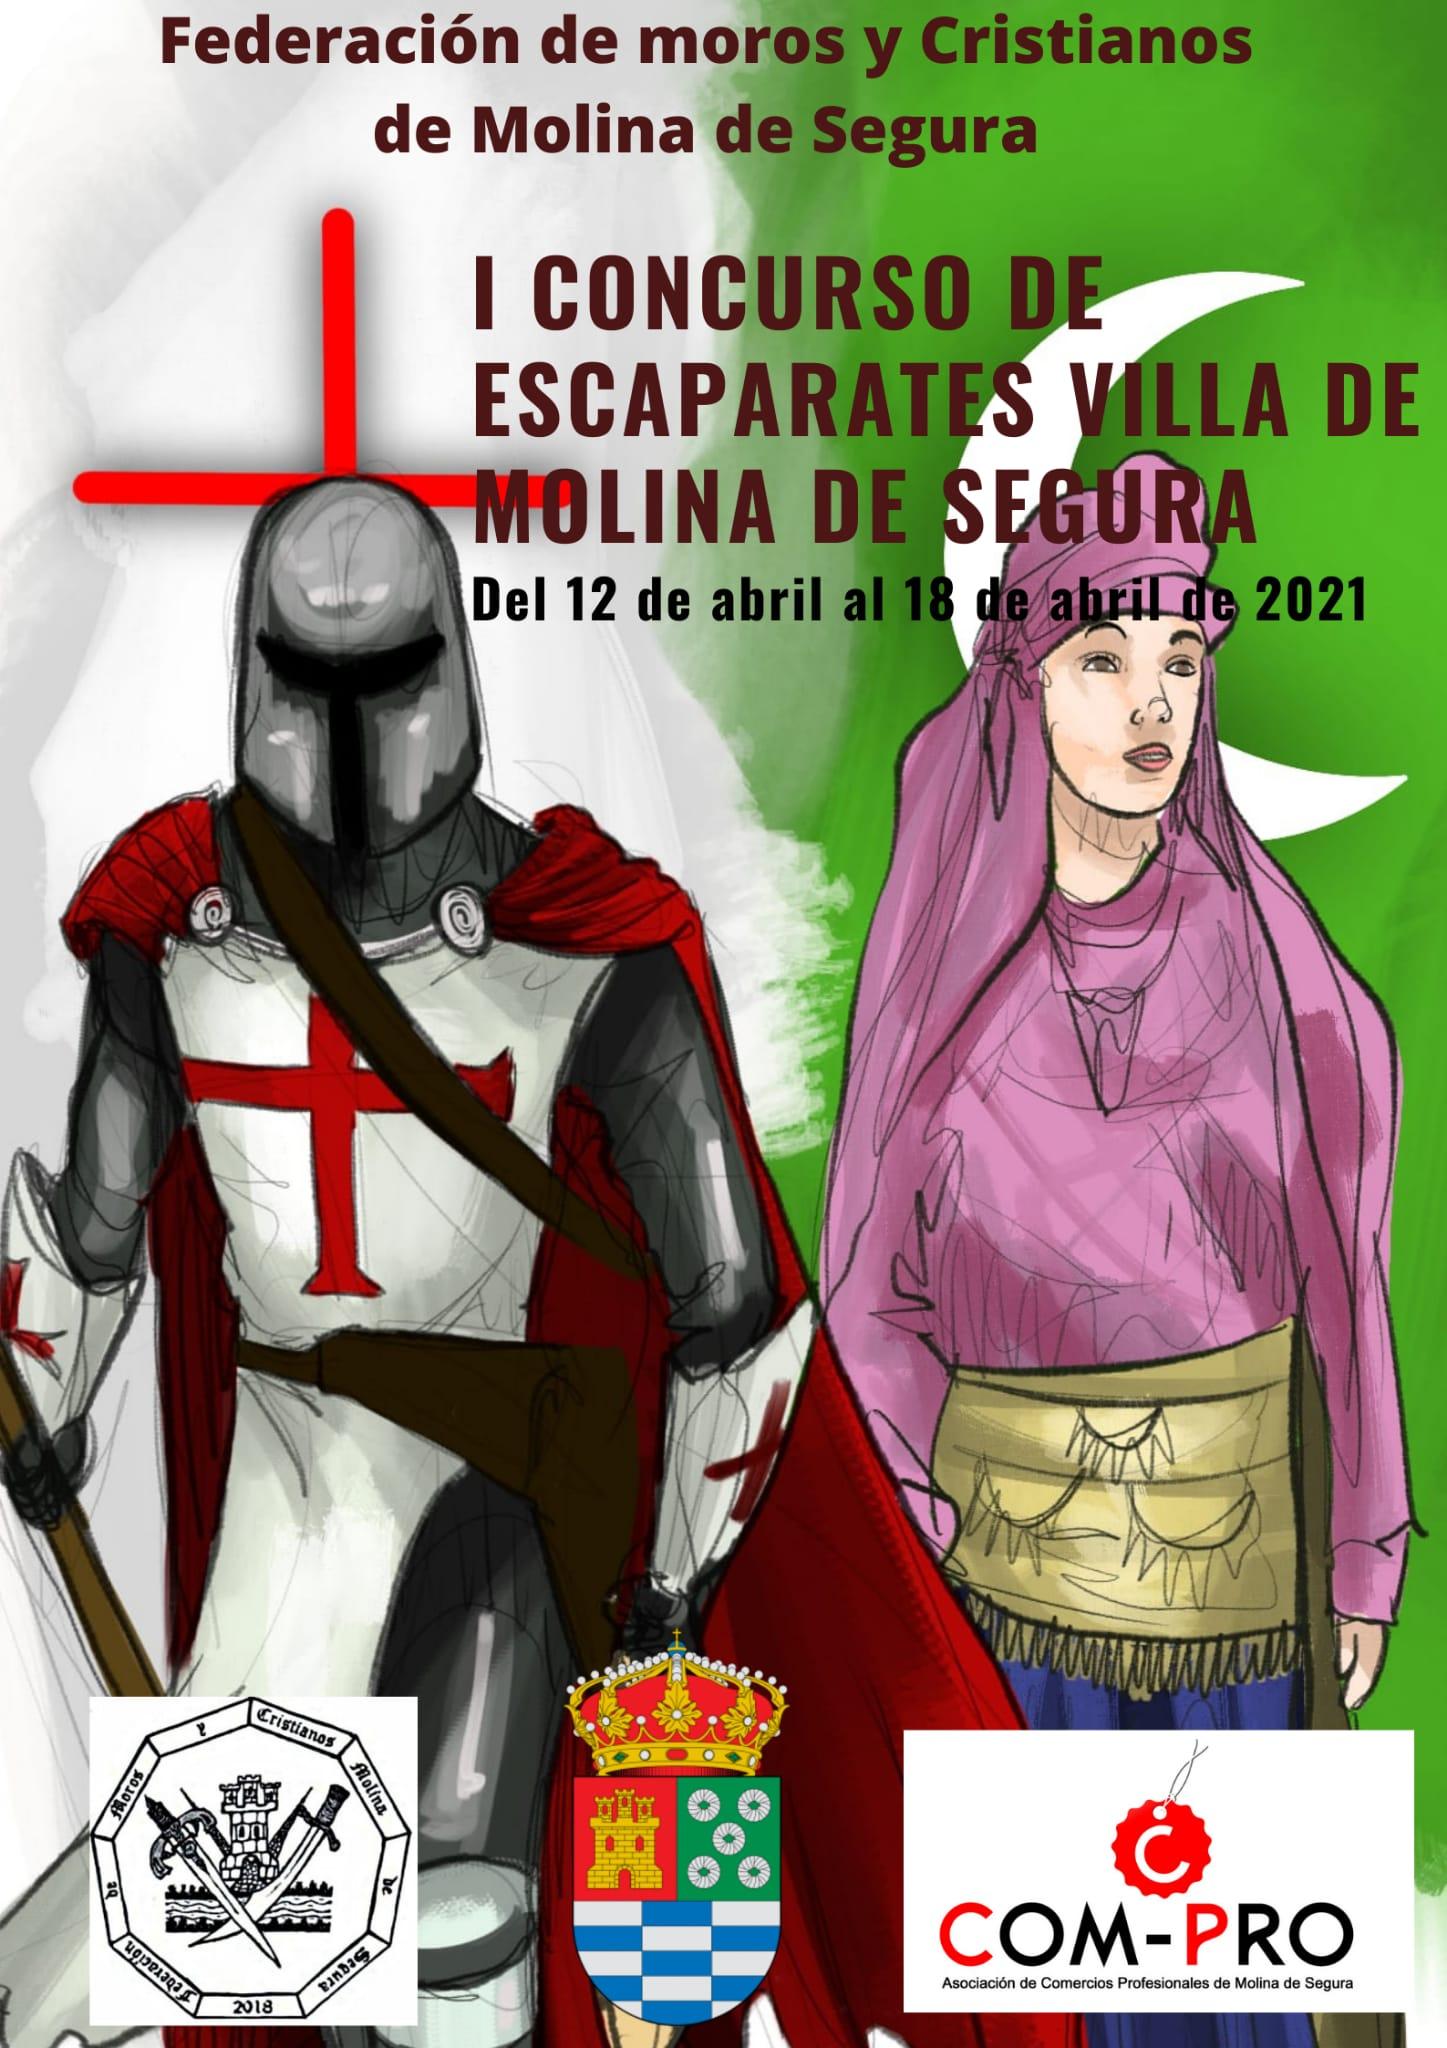 I CONCURSO DE ESCAPARATES